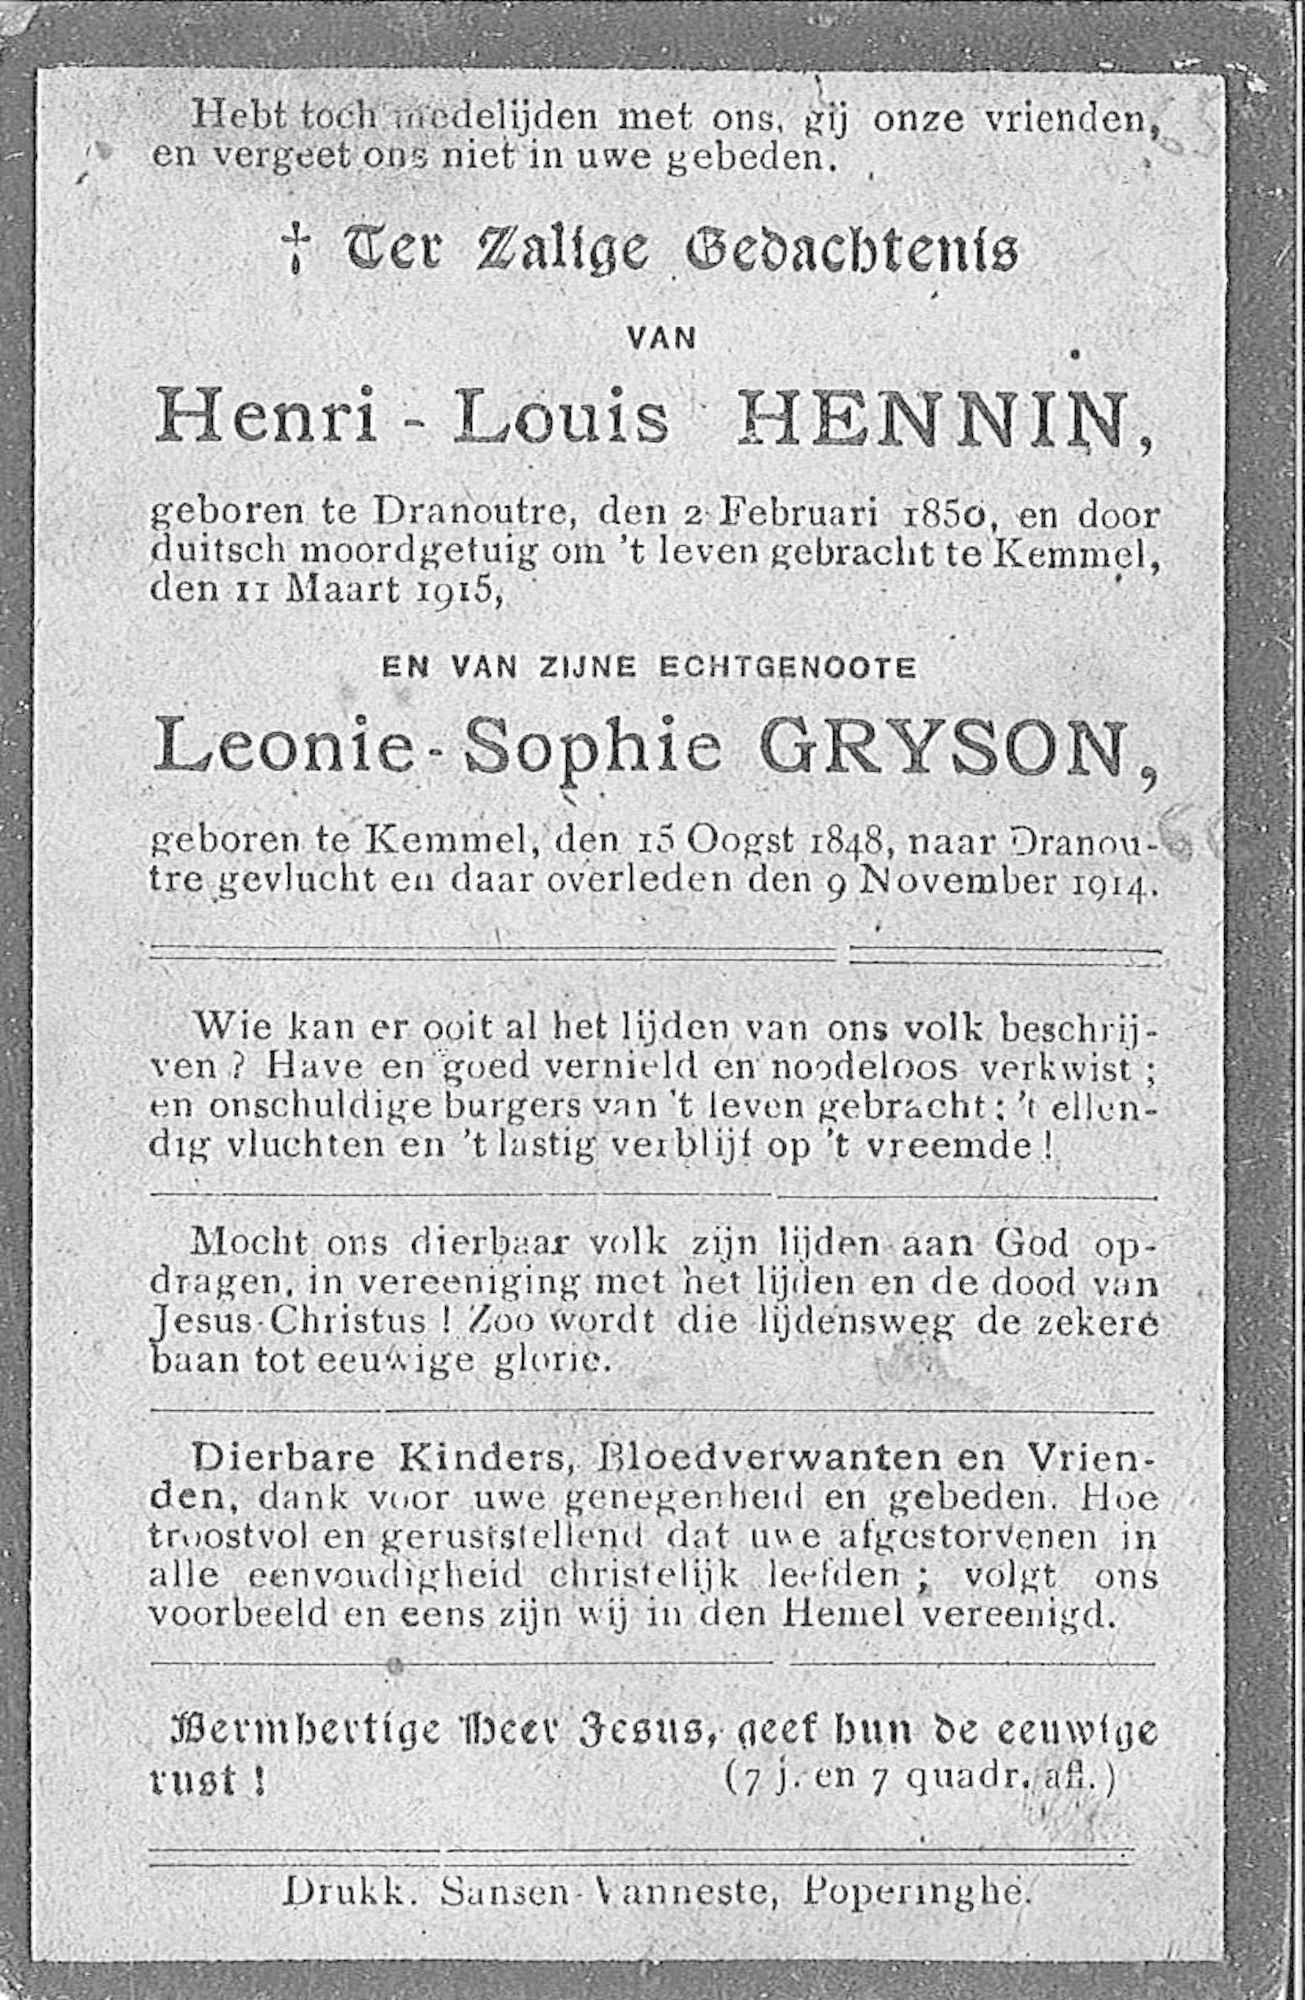 Leonie-Sophie Gryson